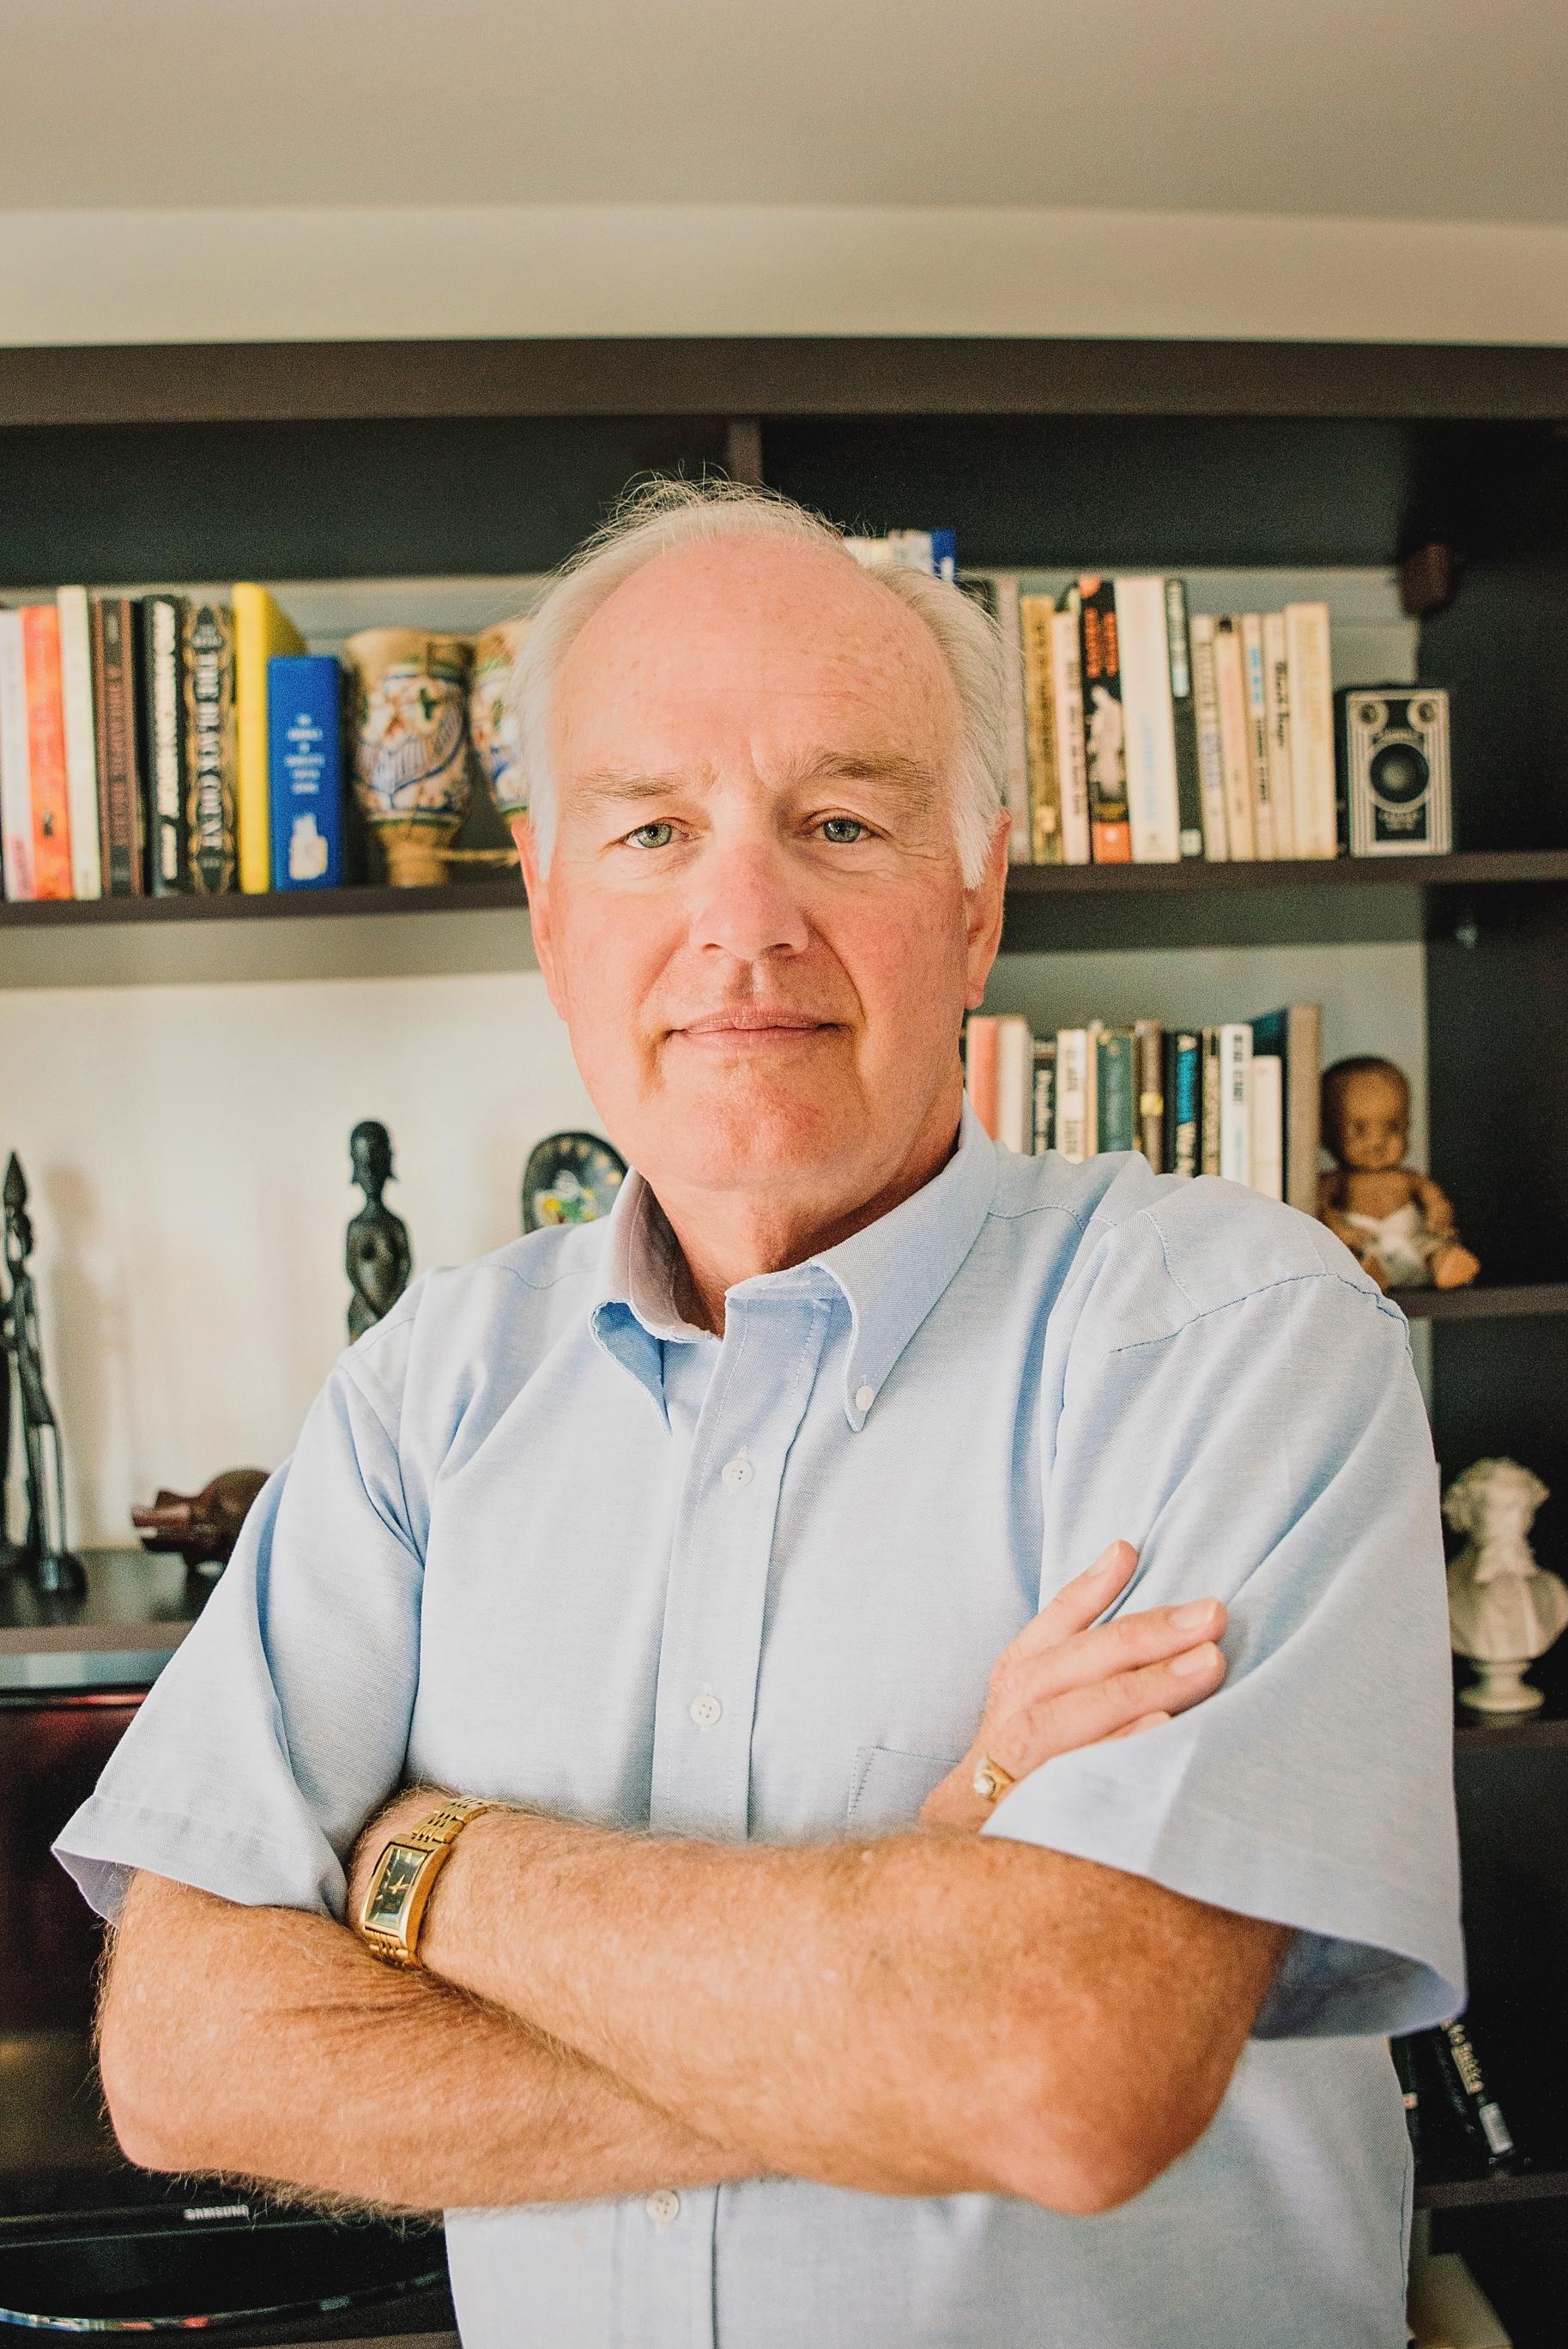 Tim Spofford